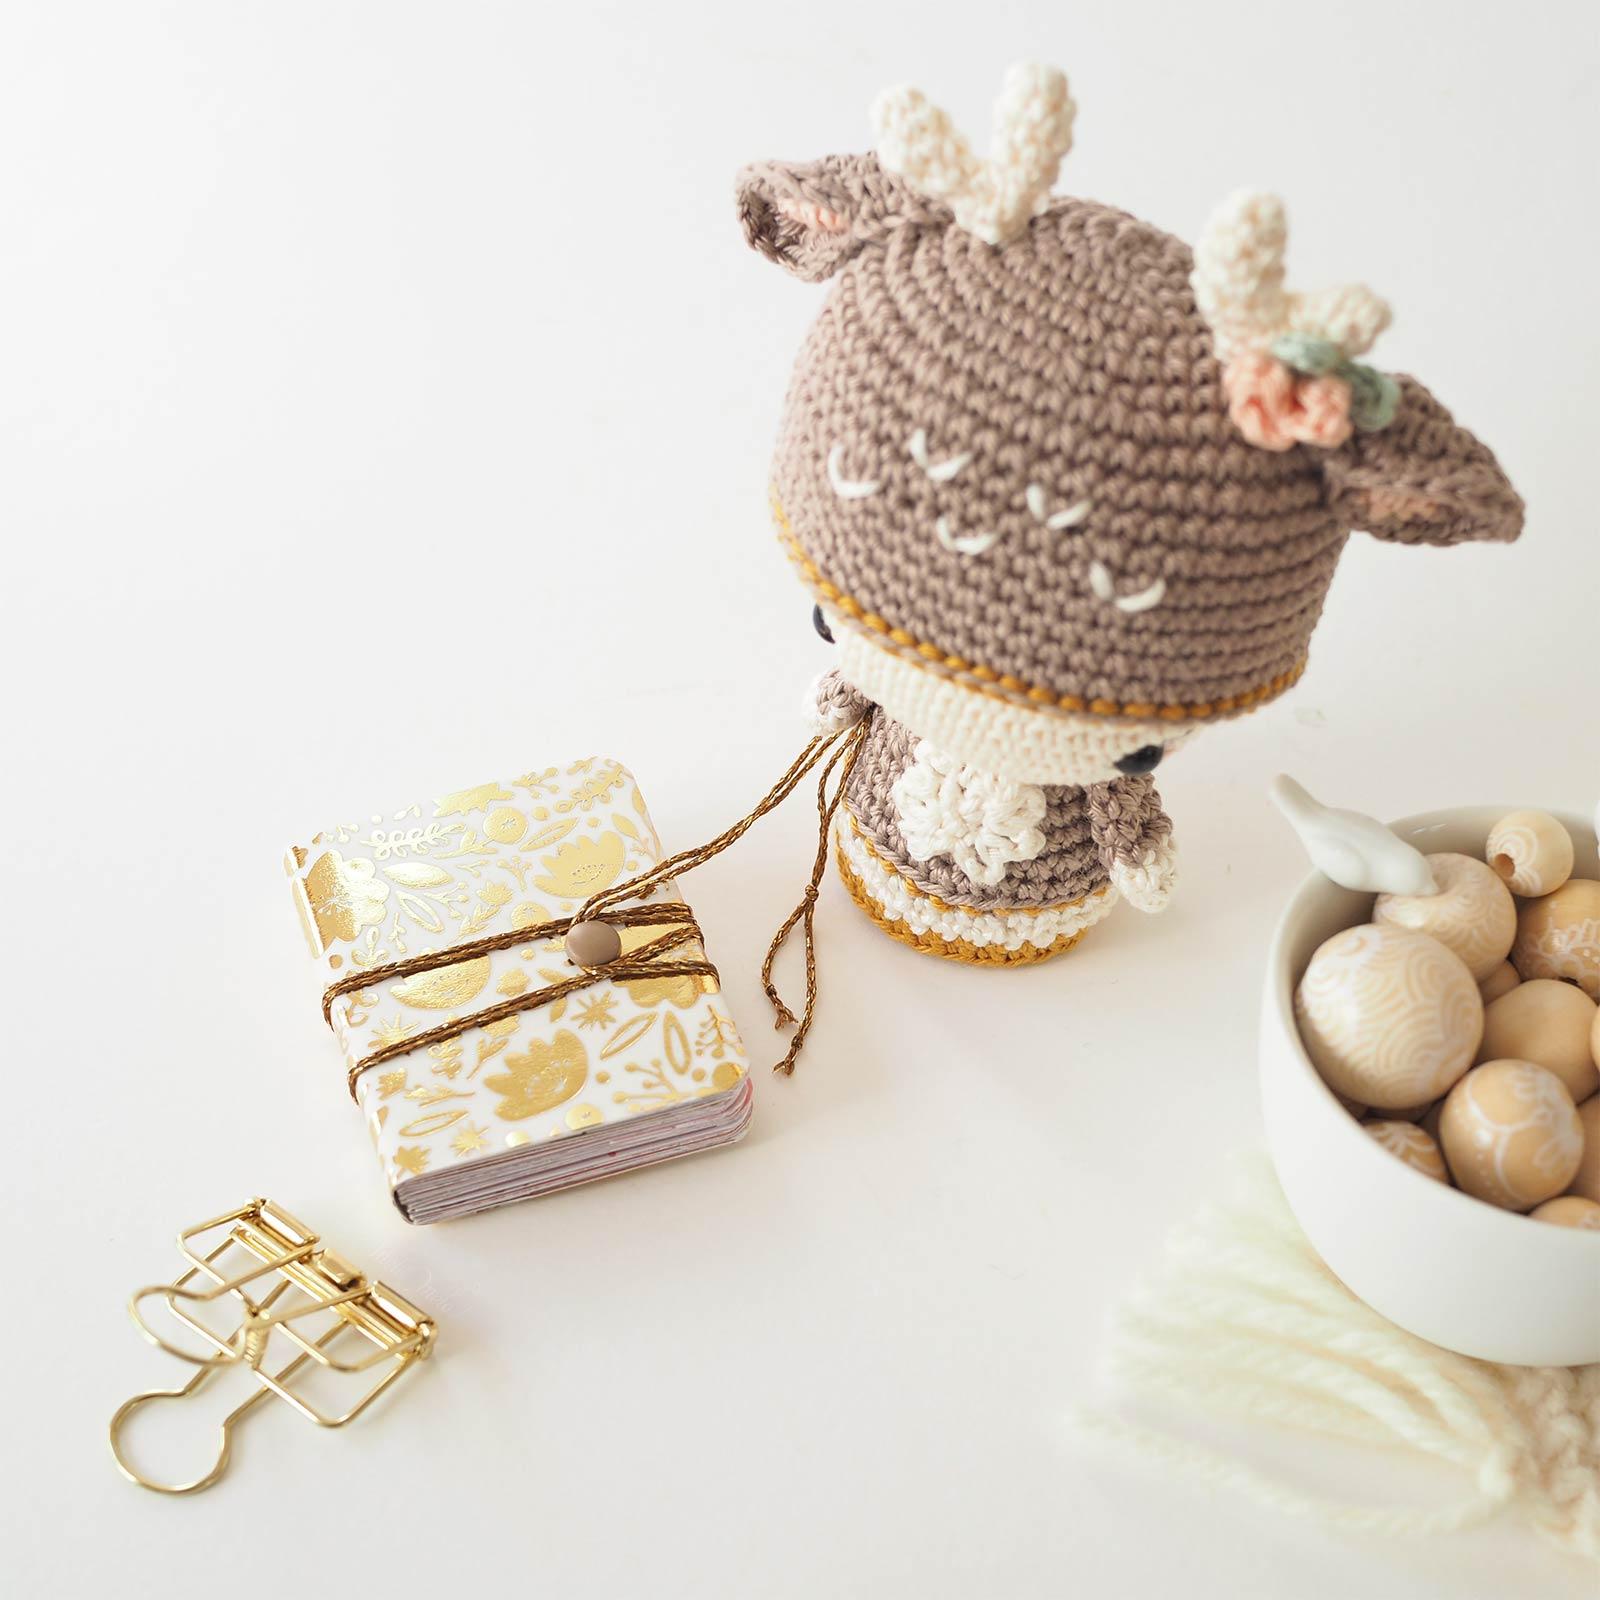 mini album photo mots doux or scrapbooking biche crochet laboutiquedemelimelo